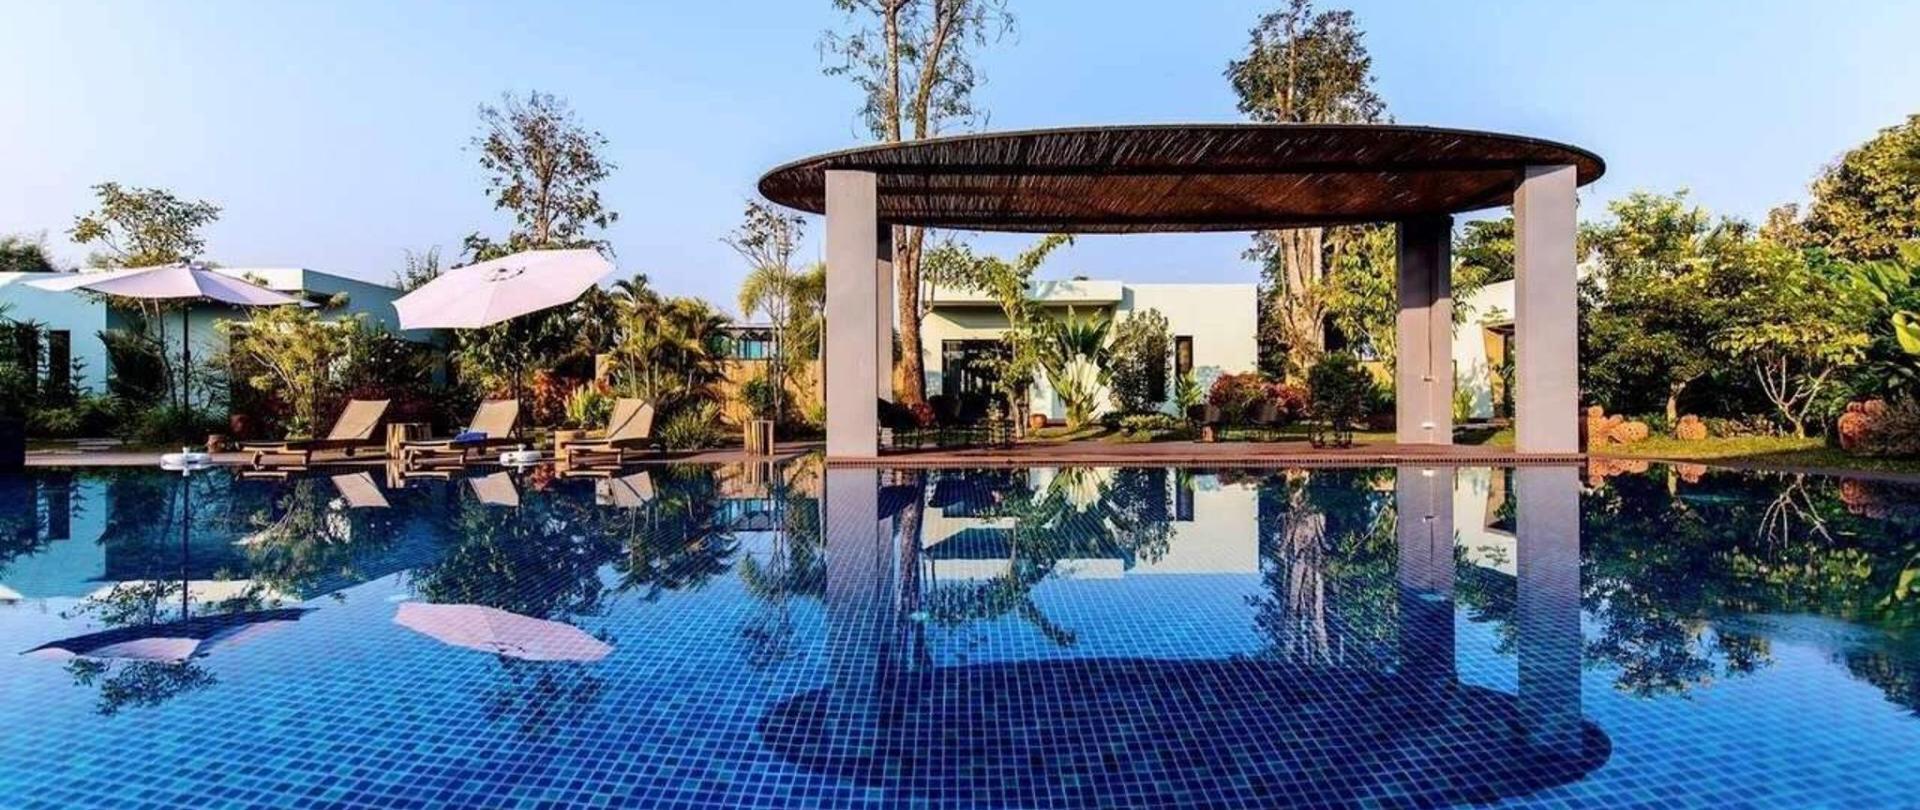 pool-area-3.JPG